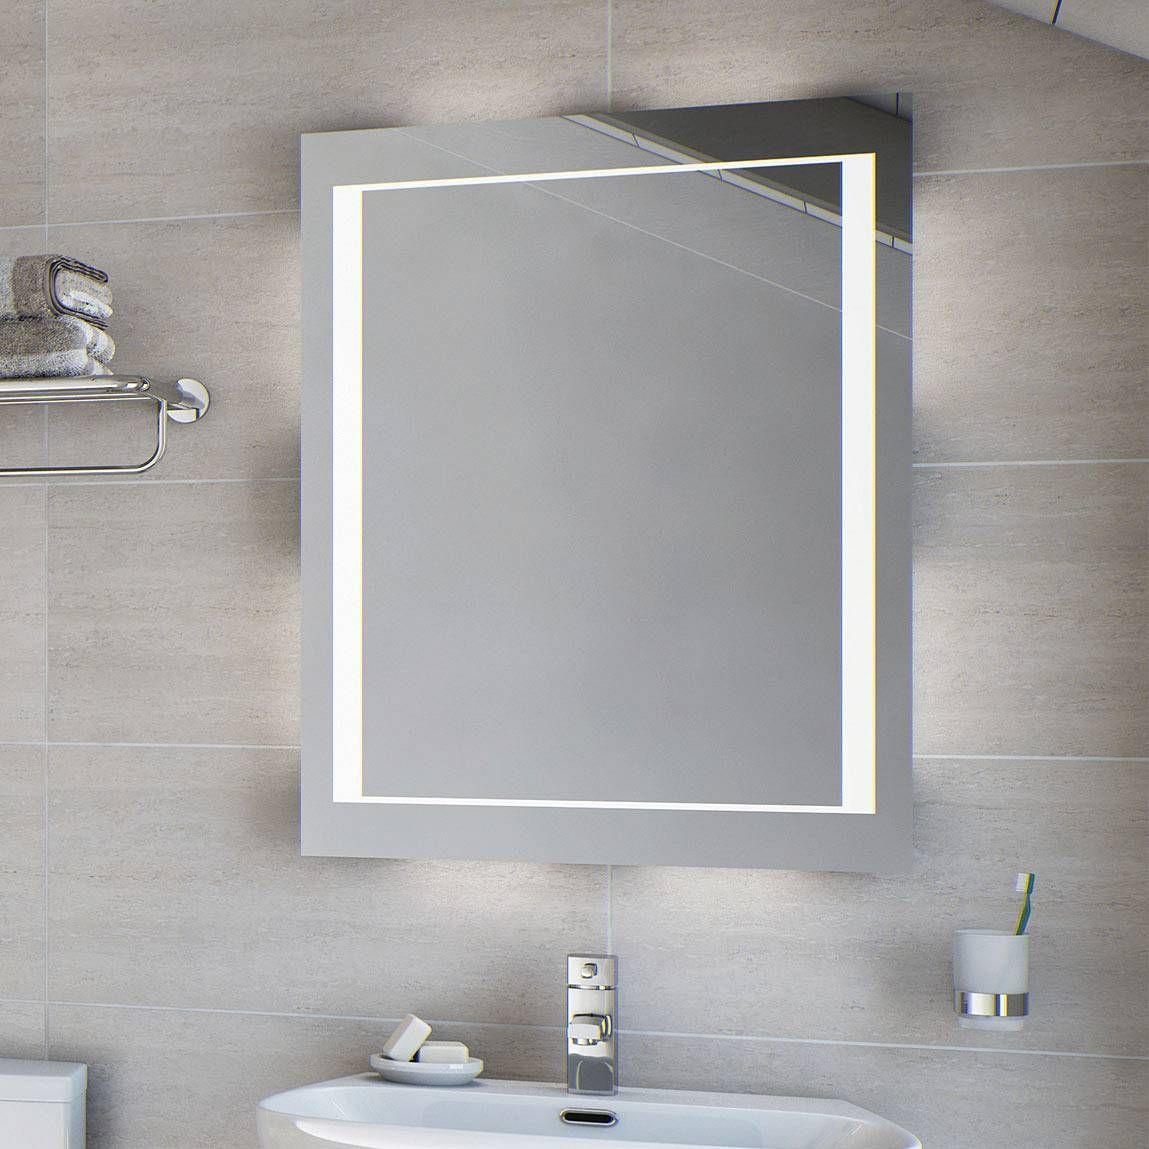 Cygnus Fluorescent Illuminated Mirror Now 89 99 Bathroom Mirror Mirror Led Mirror Bathroom